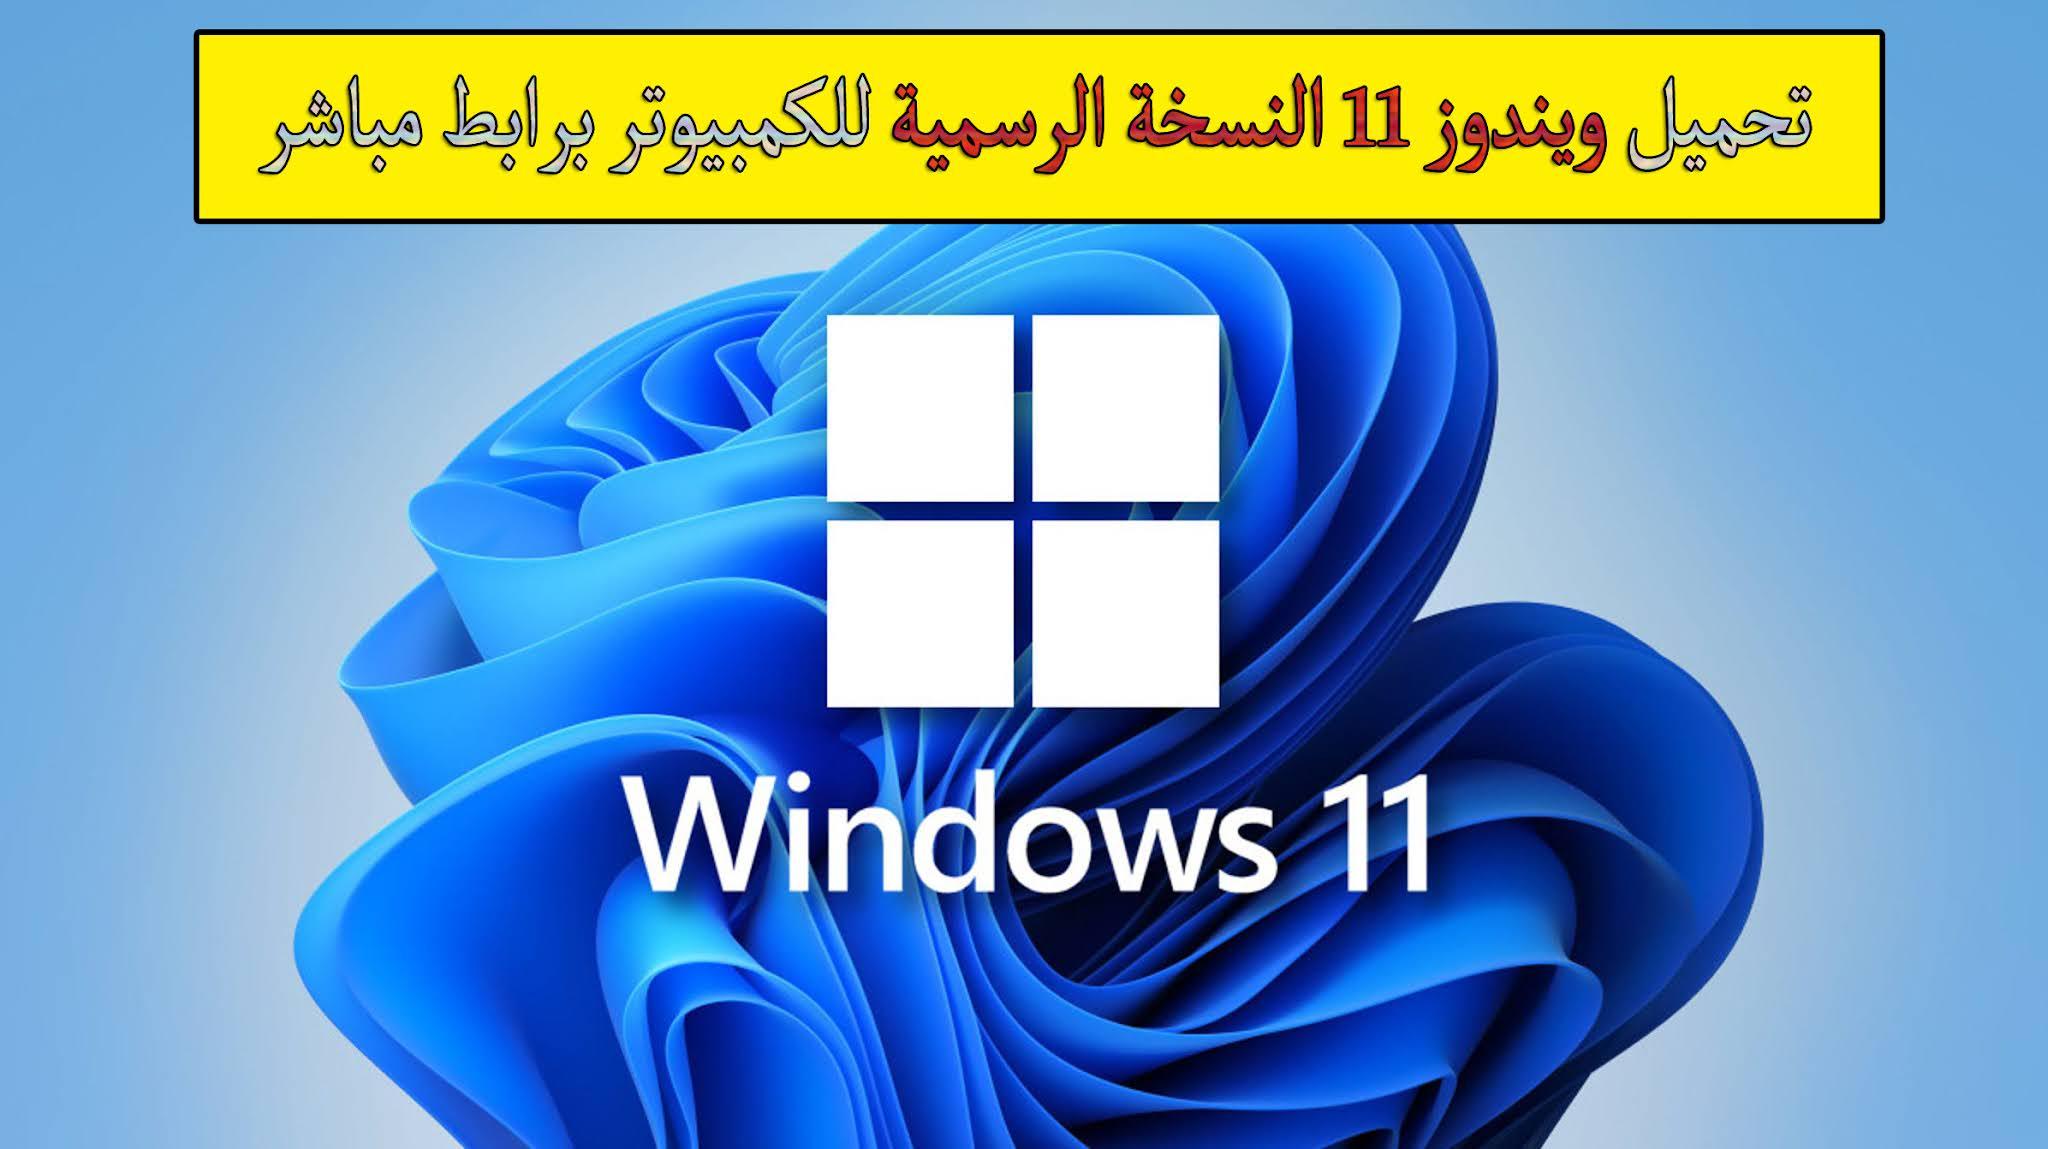 تحميل ويندوز 11 الاصدار الرسمي باللغة العربية والانجليزية برابط مباشر